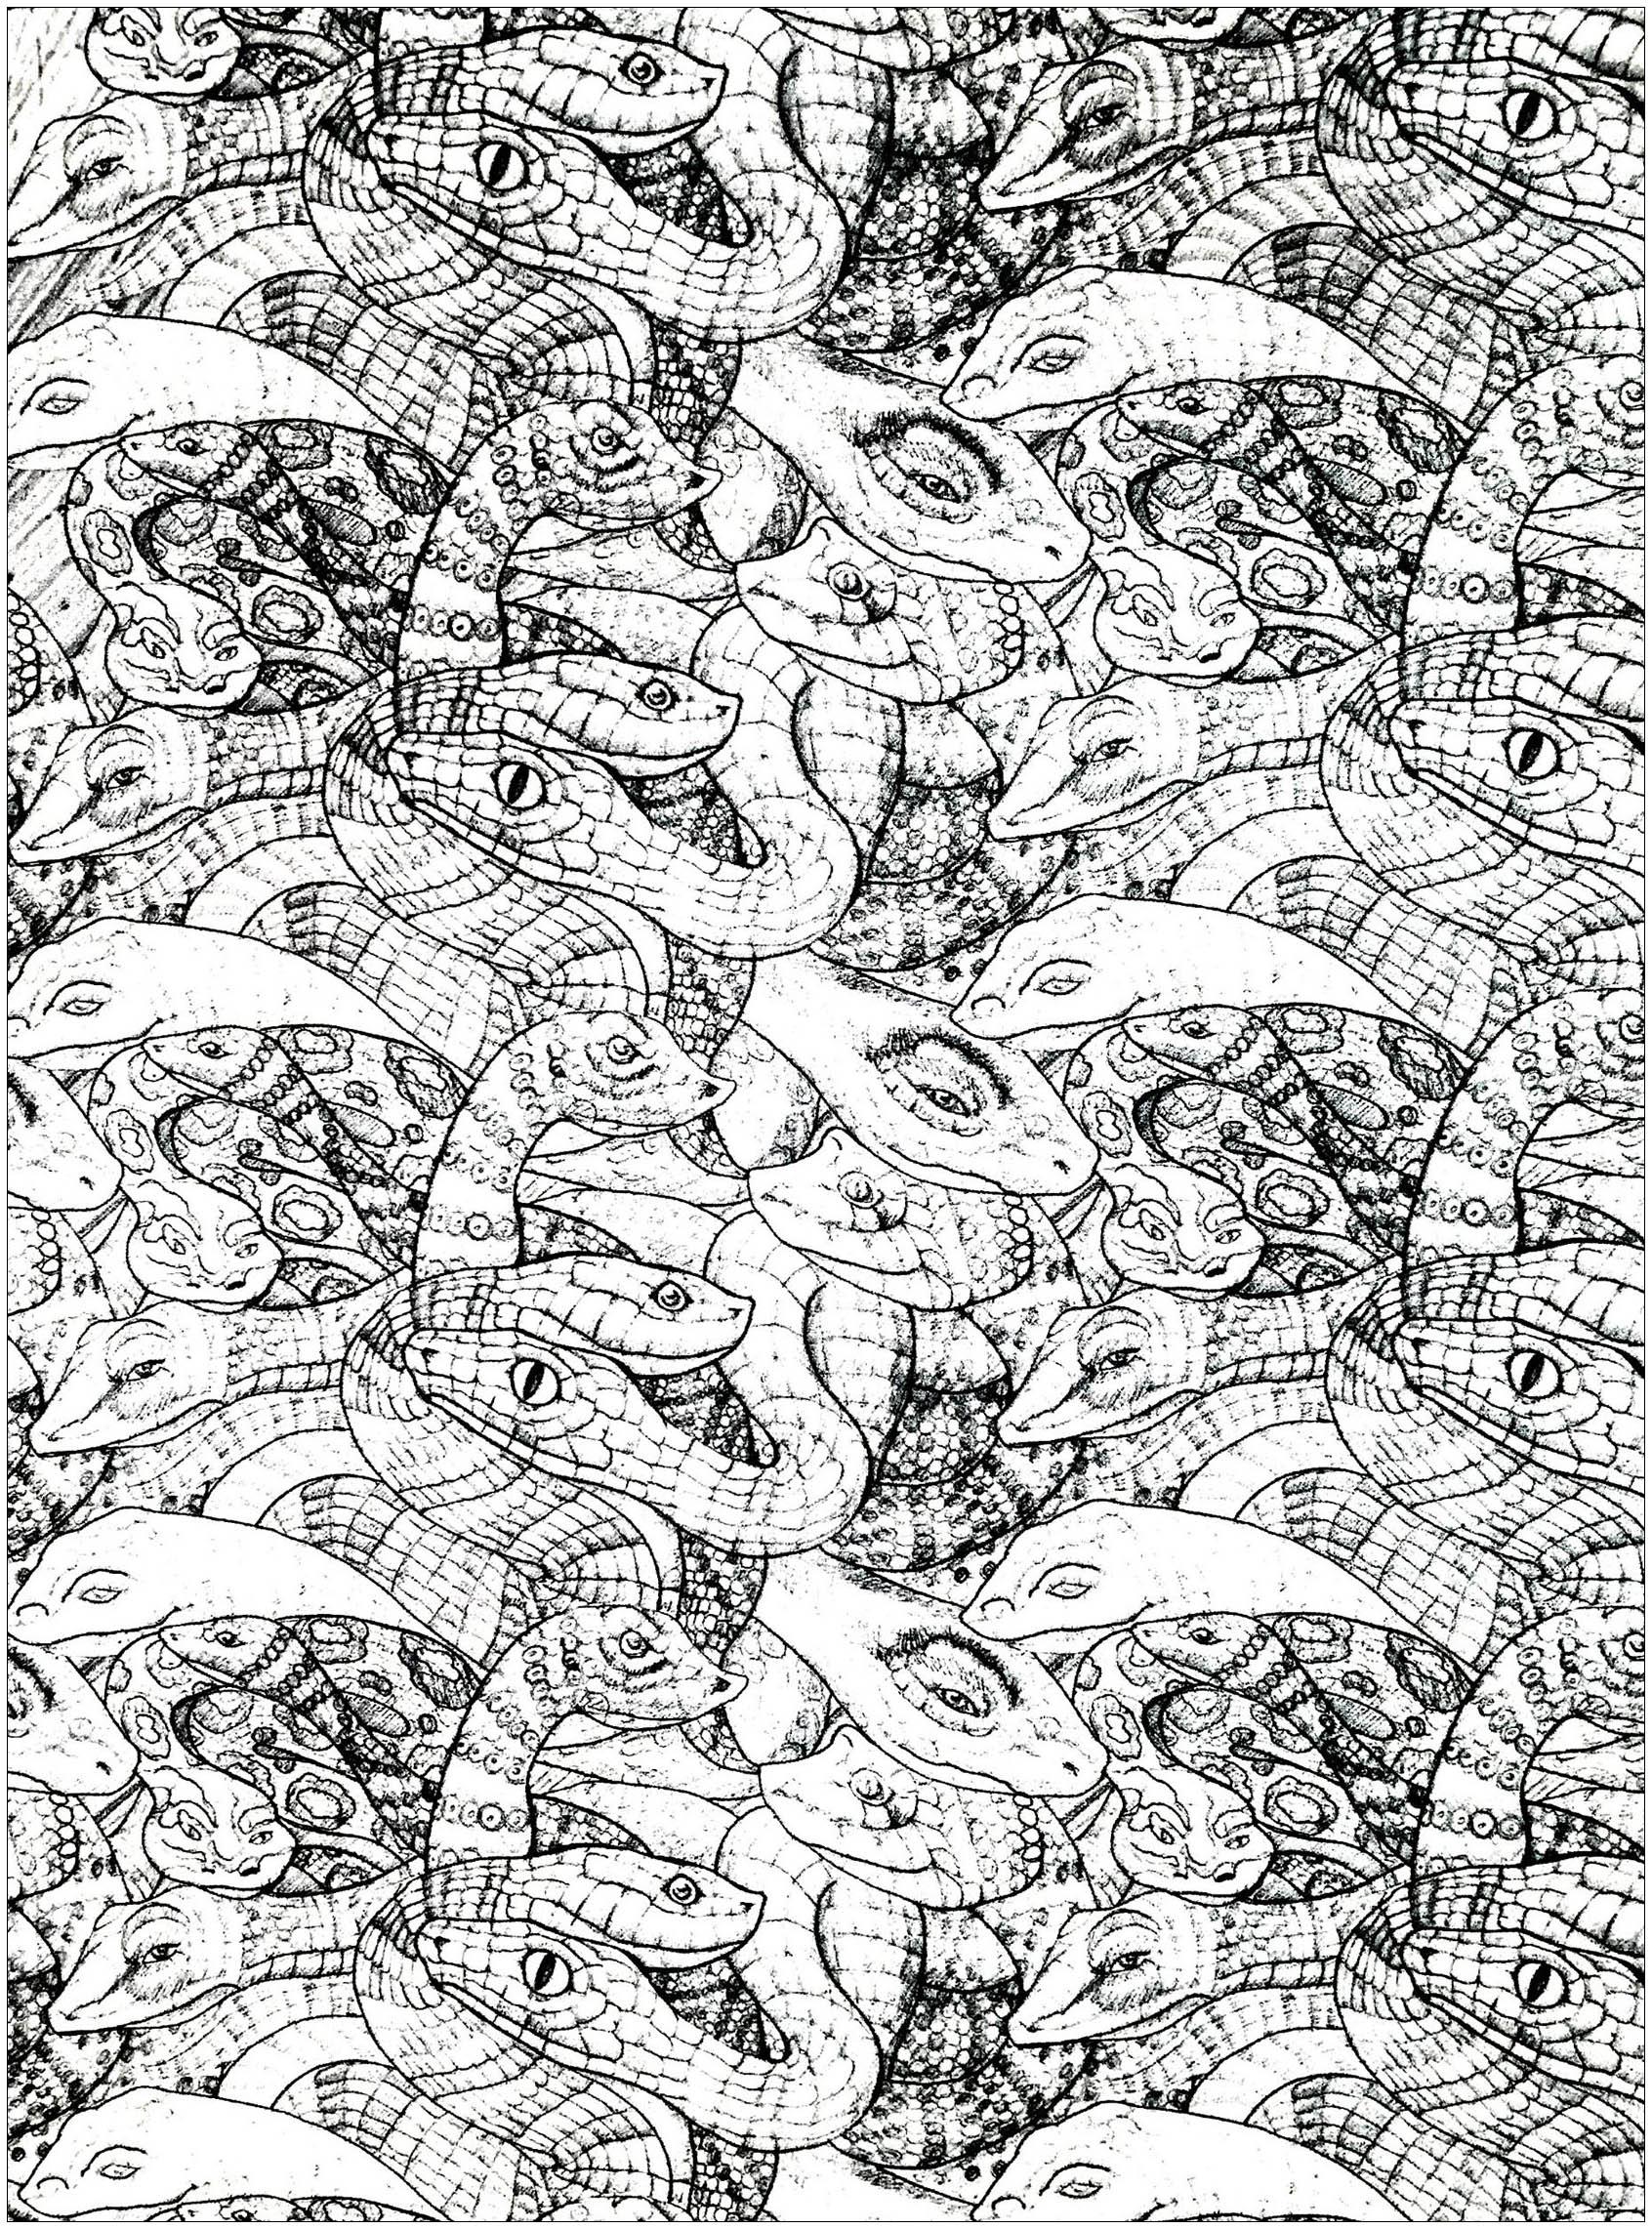 Nombreux serpents entremêlés à colorier - modèle 2 (niveau très difficile !)